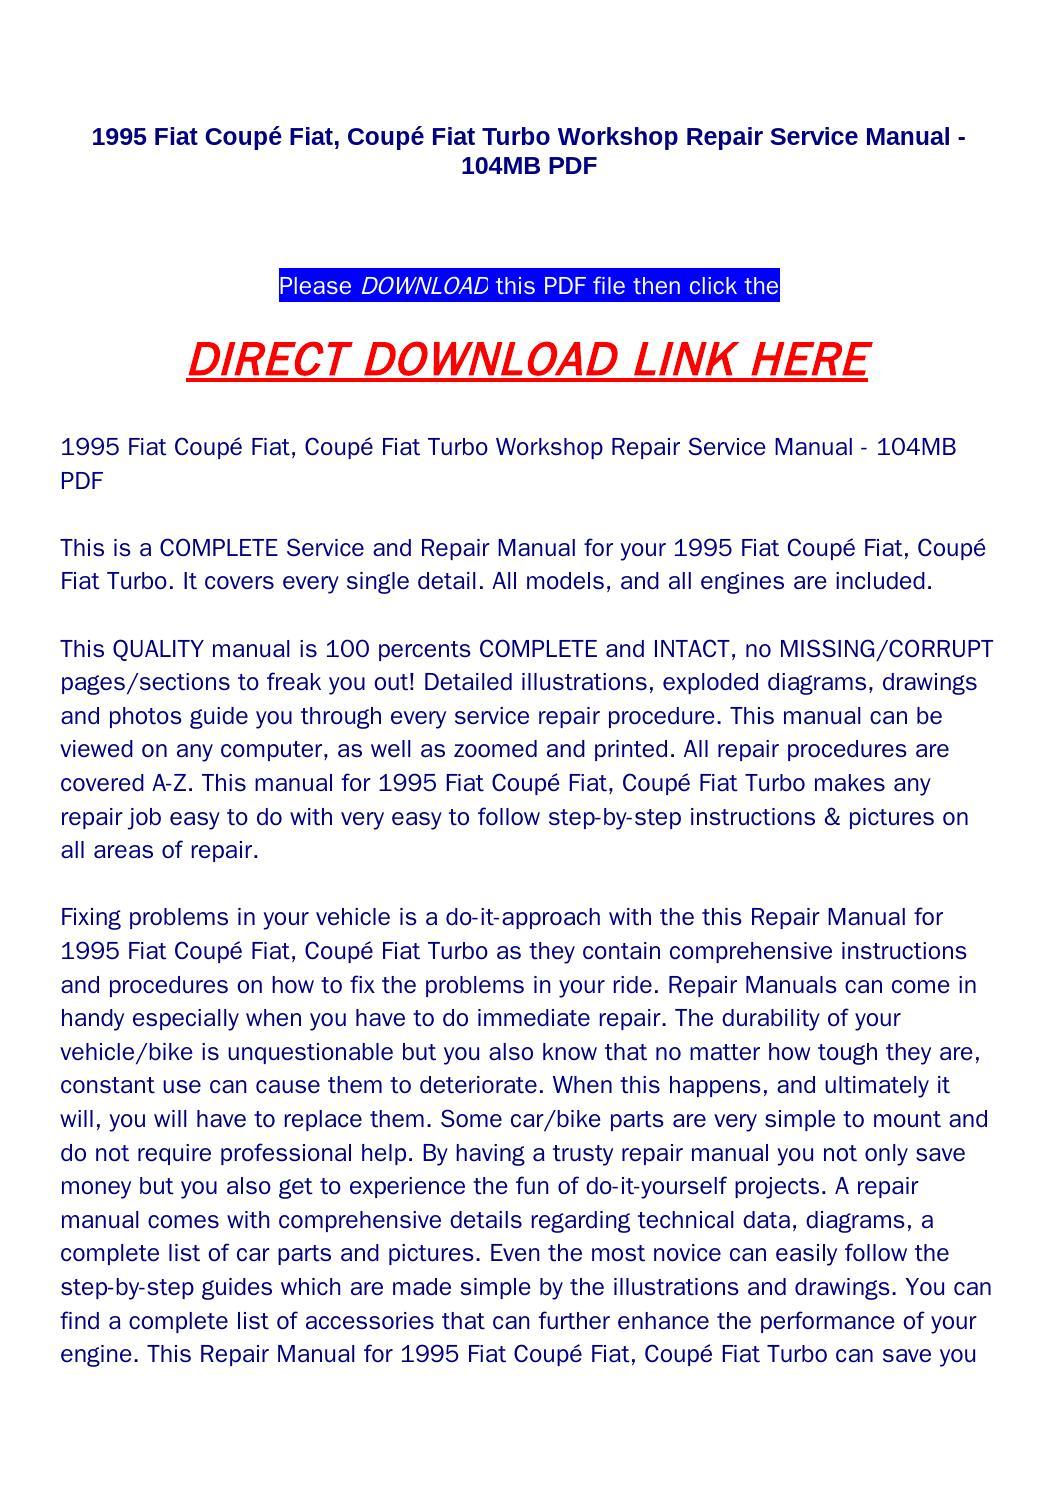 1995 fiat coupé fiat, coupé fiat turbo workshop repair service manual 104mb  pdf by poui - issuu